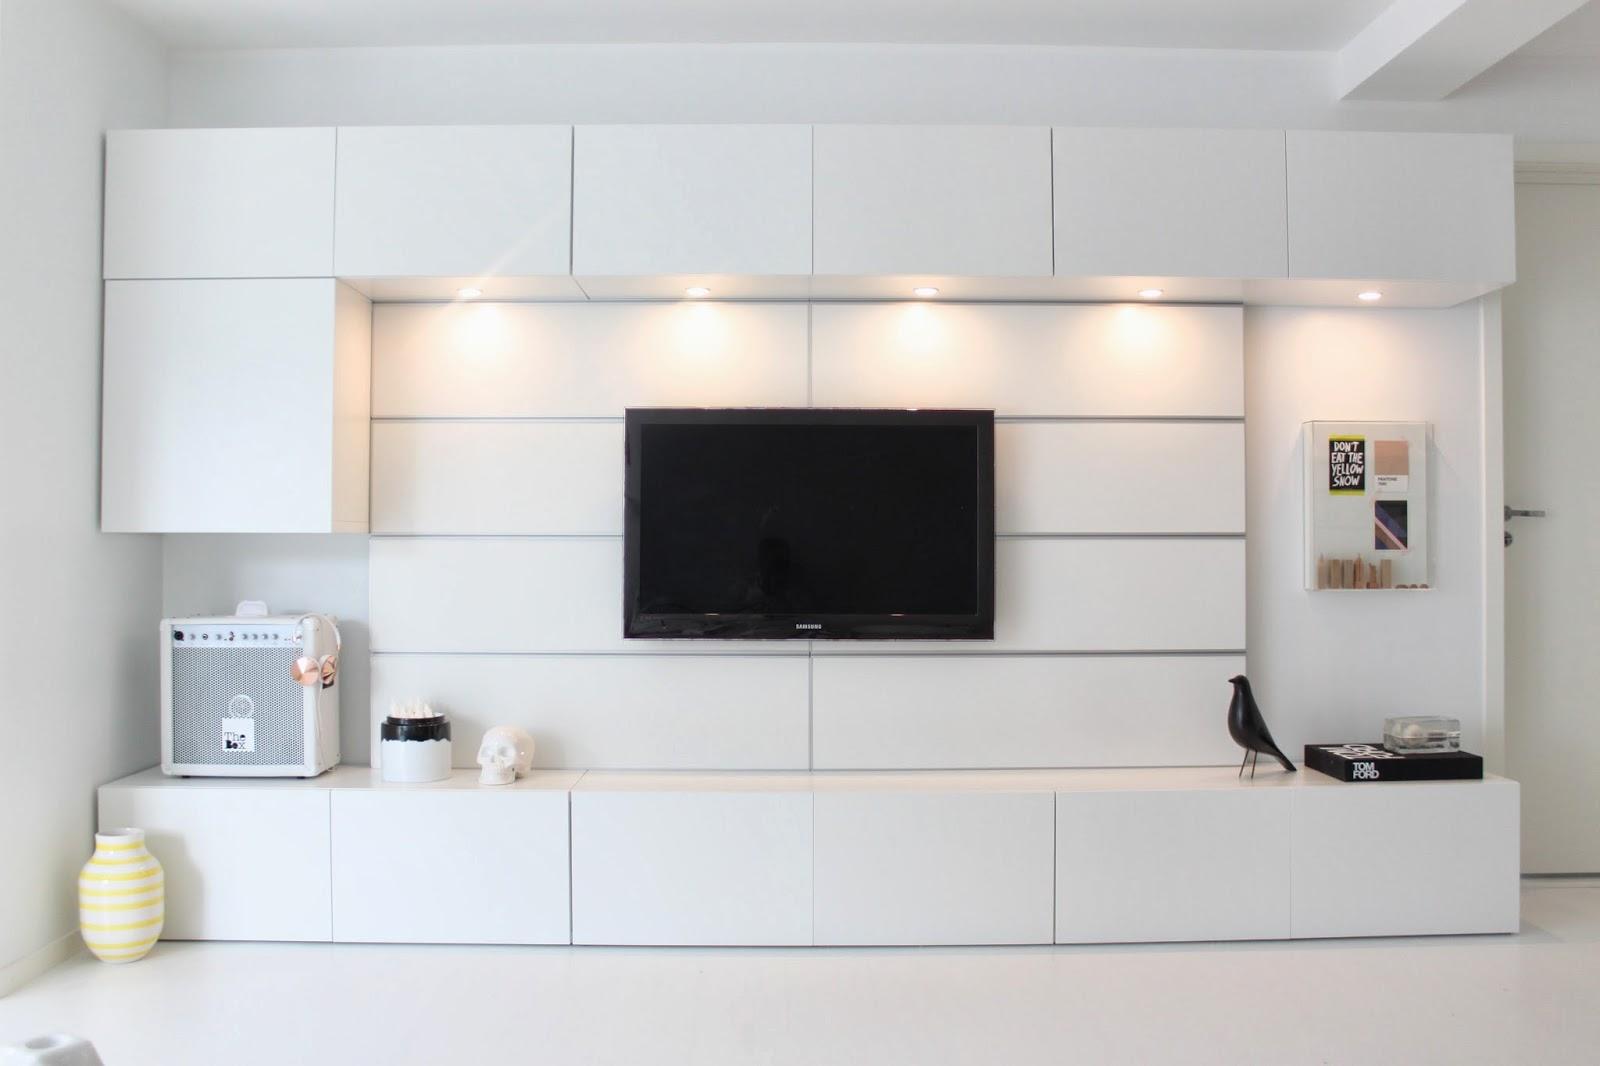 ikea wohnwand planer interessante ideen f r die gestaltung eines raumes in ihrem. Black Bedroom Furniture Sets. Home Design Ideas